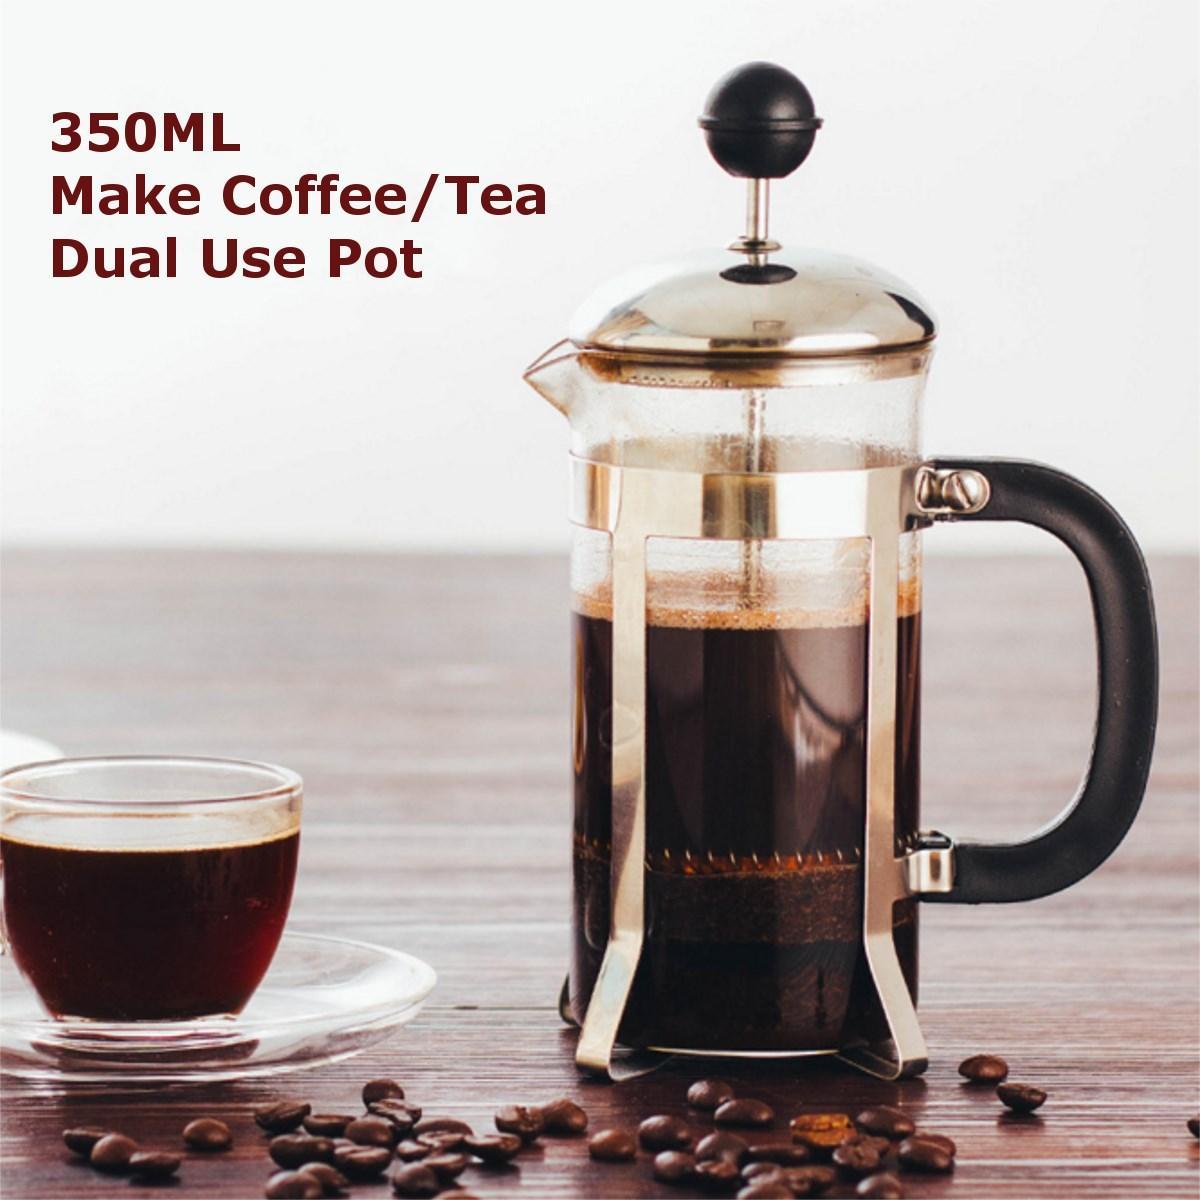 Bình Pha Cafe Kiểu Pháp 350ml (Bạc) - Bình pha cà phê french press - Dùng để pha trà hay cà phê theo phương pháp French press ép cà phê - Thiết kế tinh gọn, hiện đại - Chất liệu cao cấp Nhật Bản